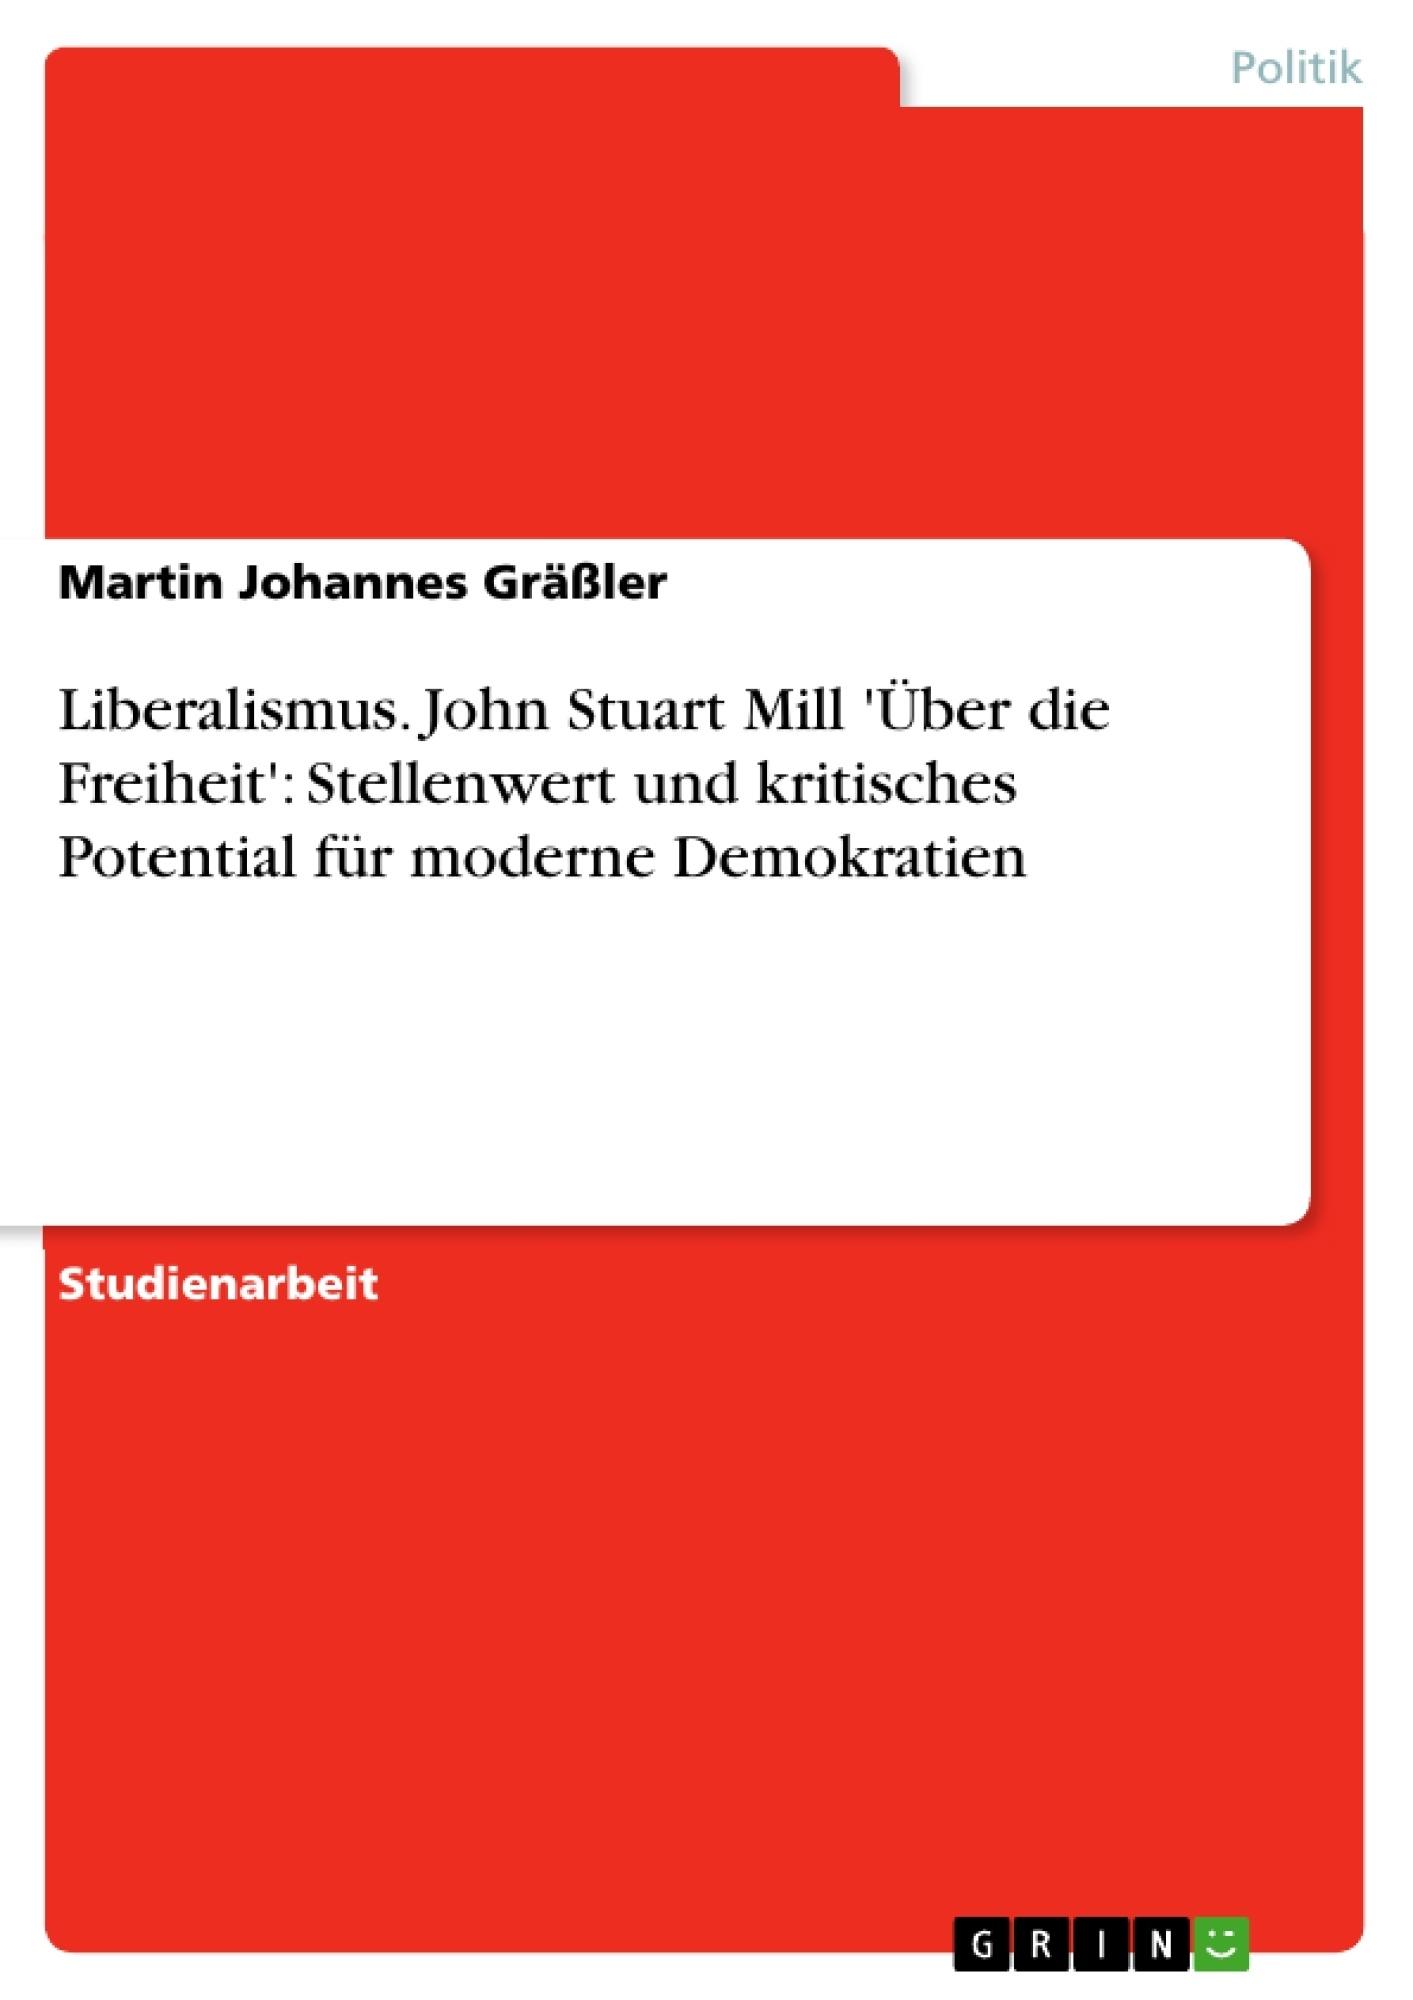 Titel: Liberalismus.  John Stuart Mill 'Über die Freiheit': Stellenwert und kritisches Potential für moderne Demokratien